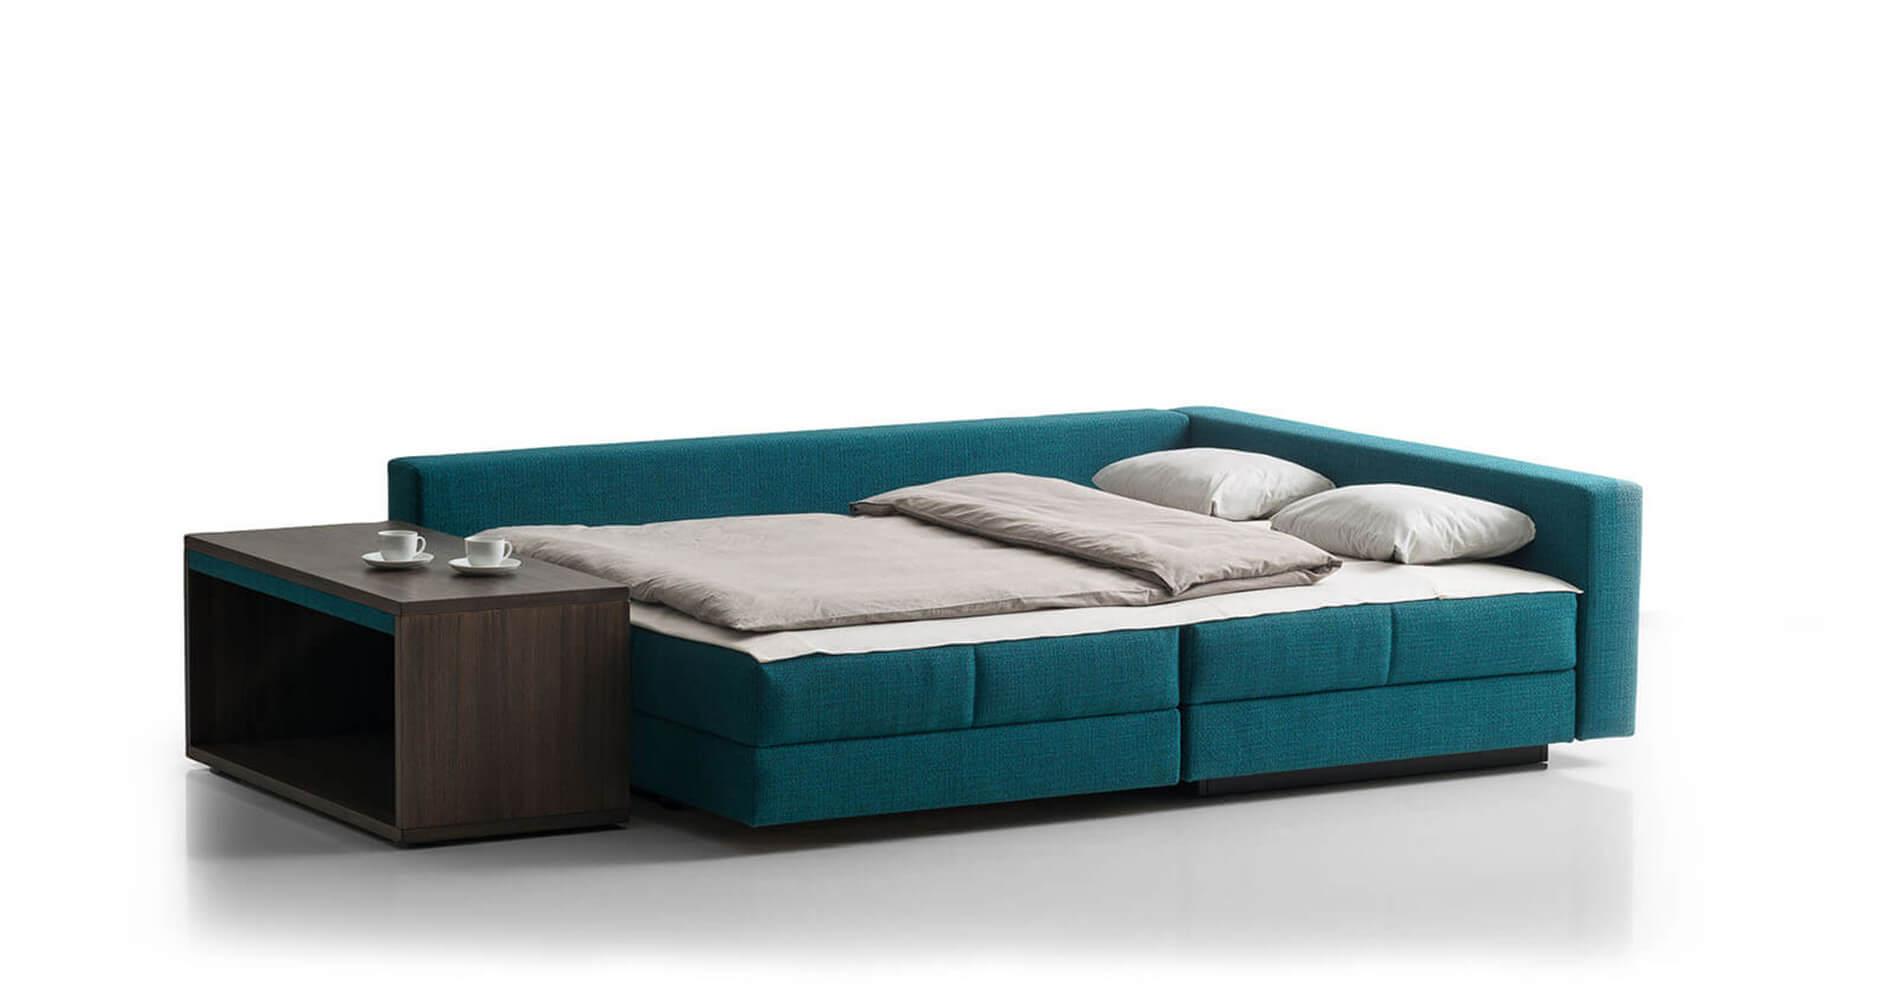 franz fertig eckgruppe cocco sofa zum loungen und schlafen. Black Bedroom Furniture Sets. Home Design Ideas